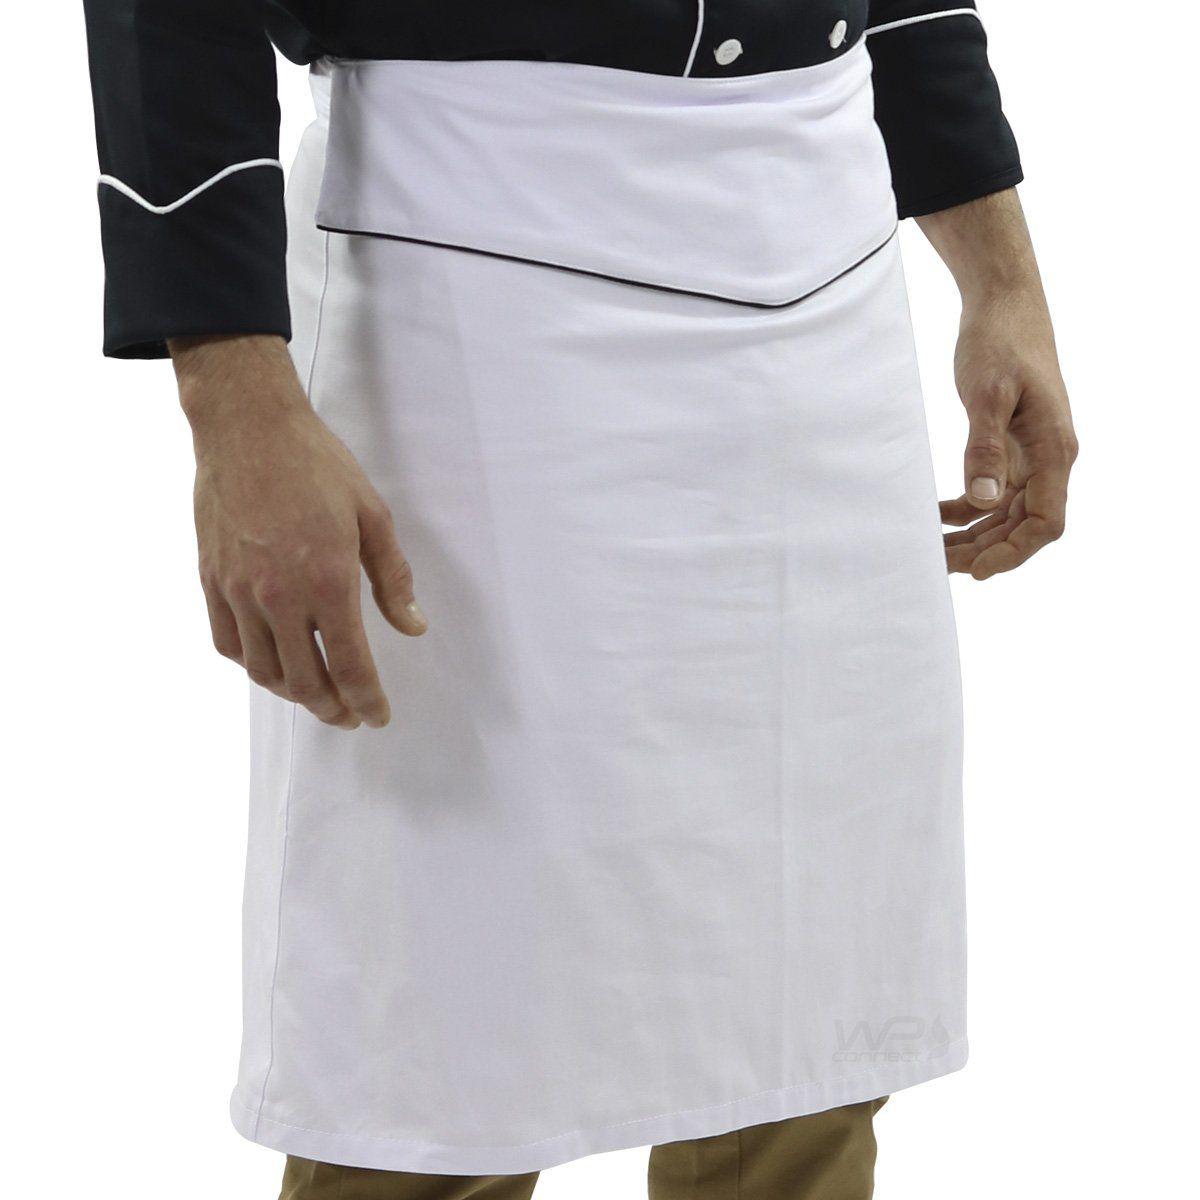 Avental Chef de cozinha Tradicional Branco/Preto